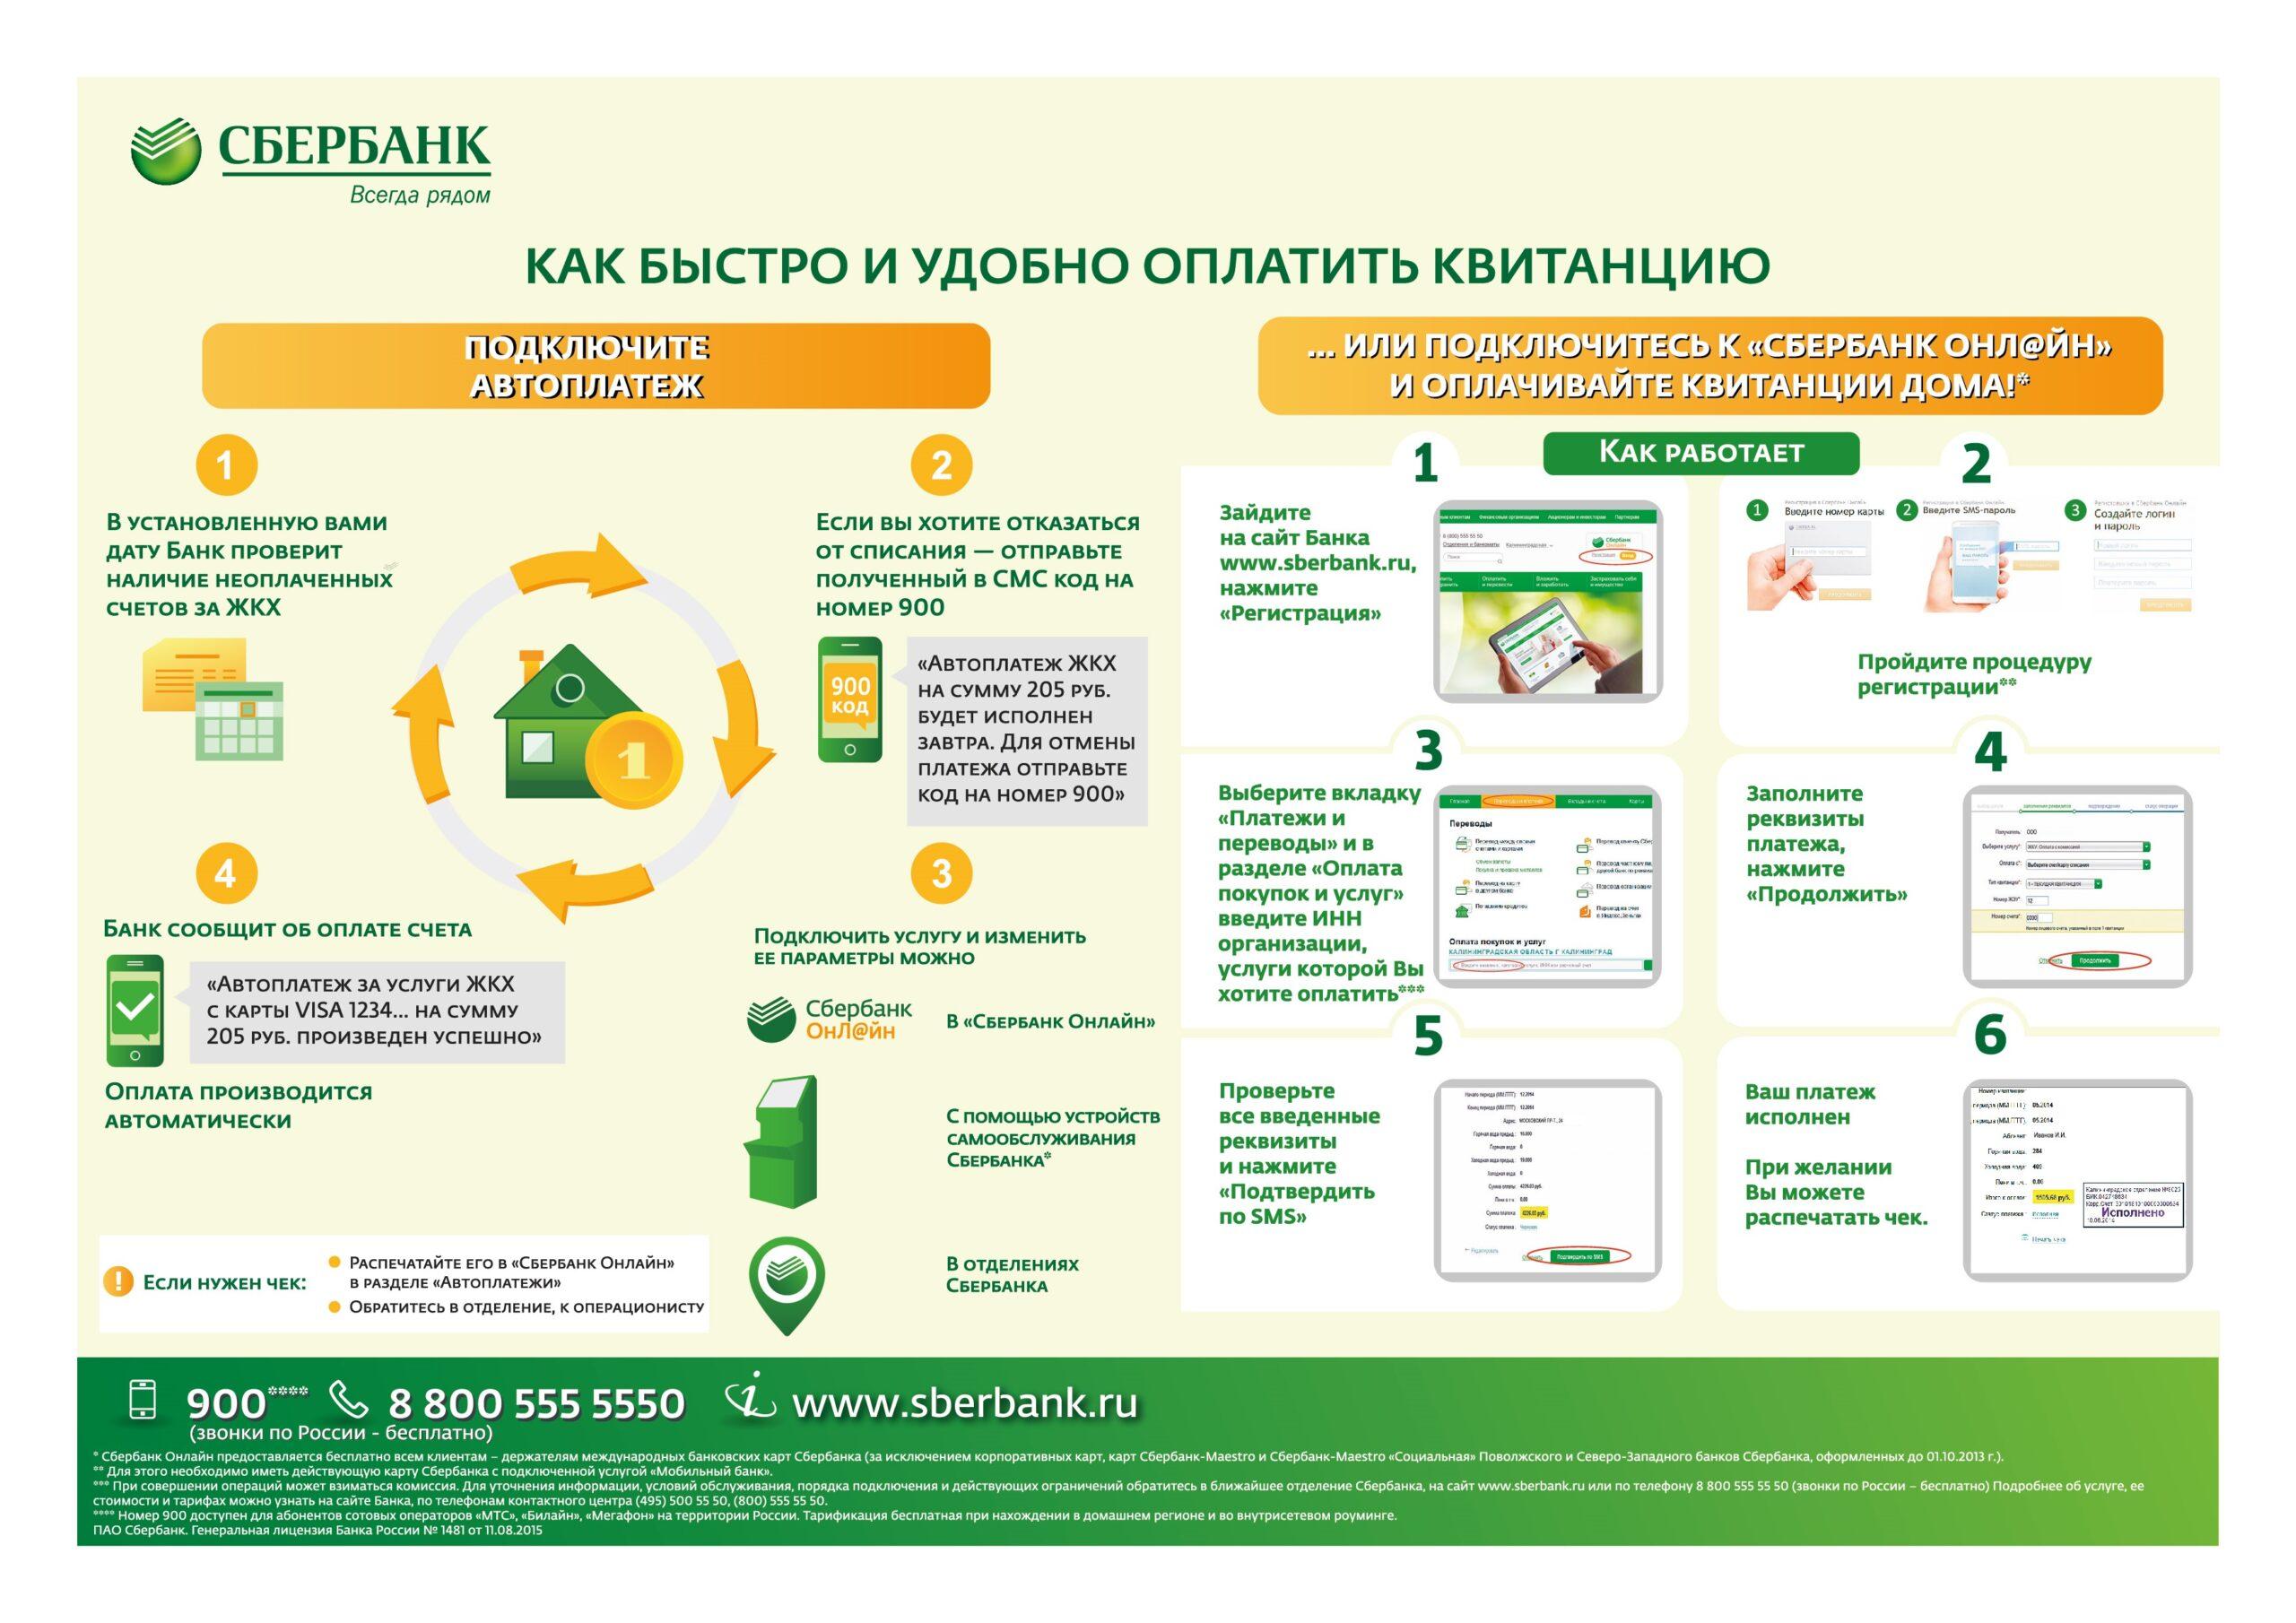 Оплата квитанций через ПАО Сбербанк (информационная памятка)